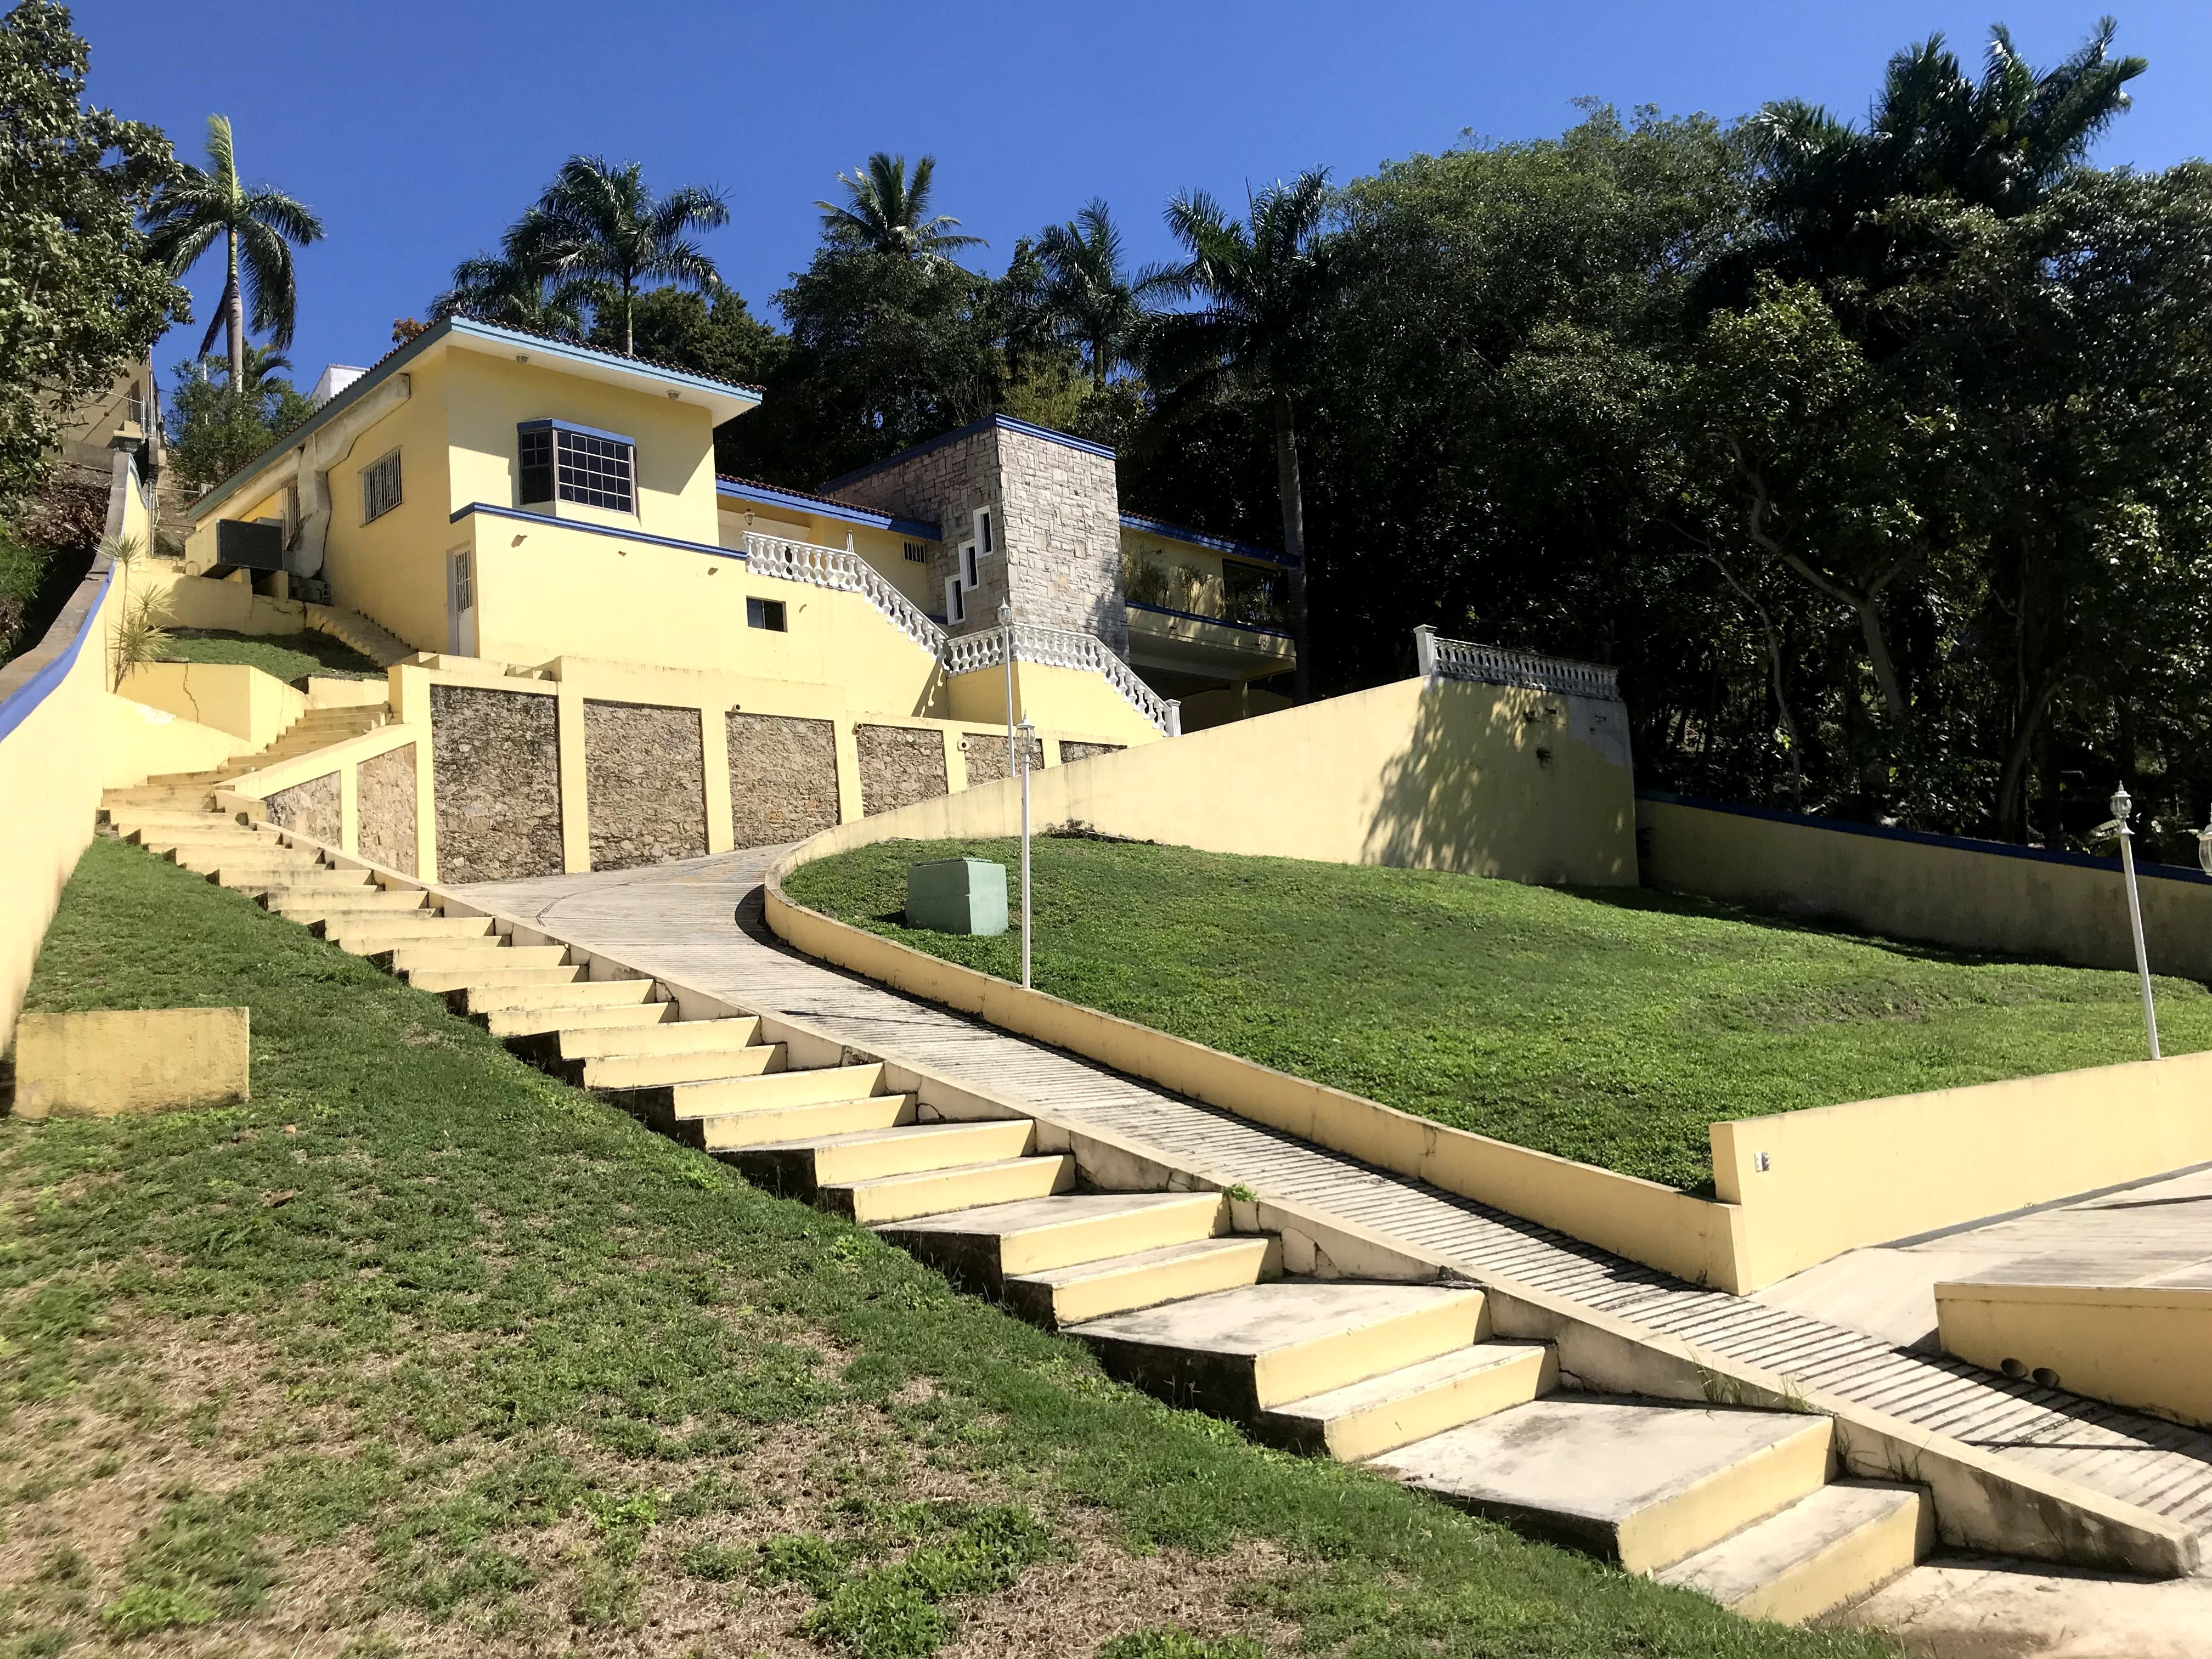 Casa En Venta Aguila Tampico 14 000 000 Mxn